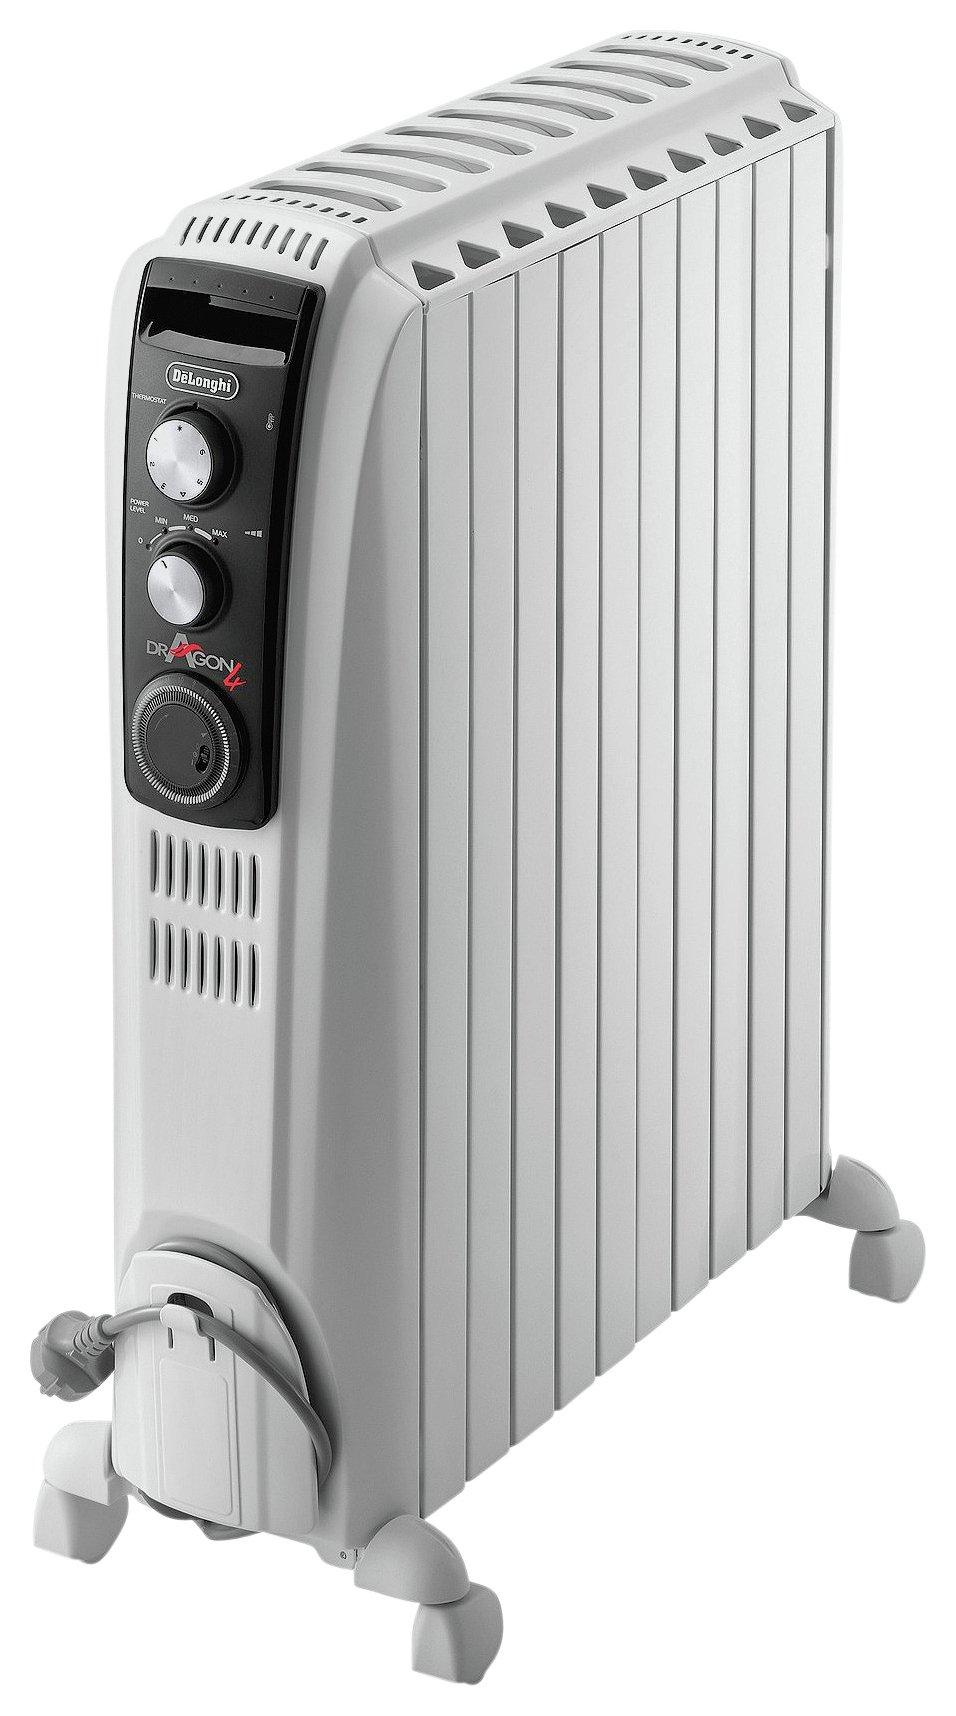 de 39 longhi dragon 4 oil filled radiator review. Black Bedroom Furniture Sets. Home Design Ideas